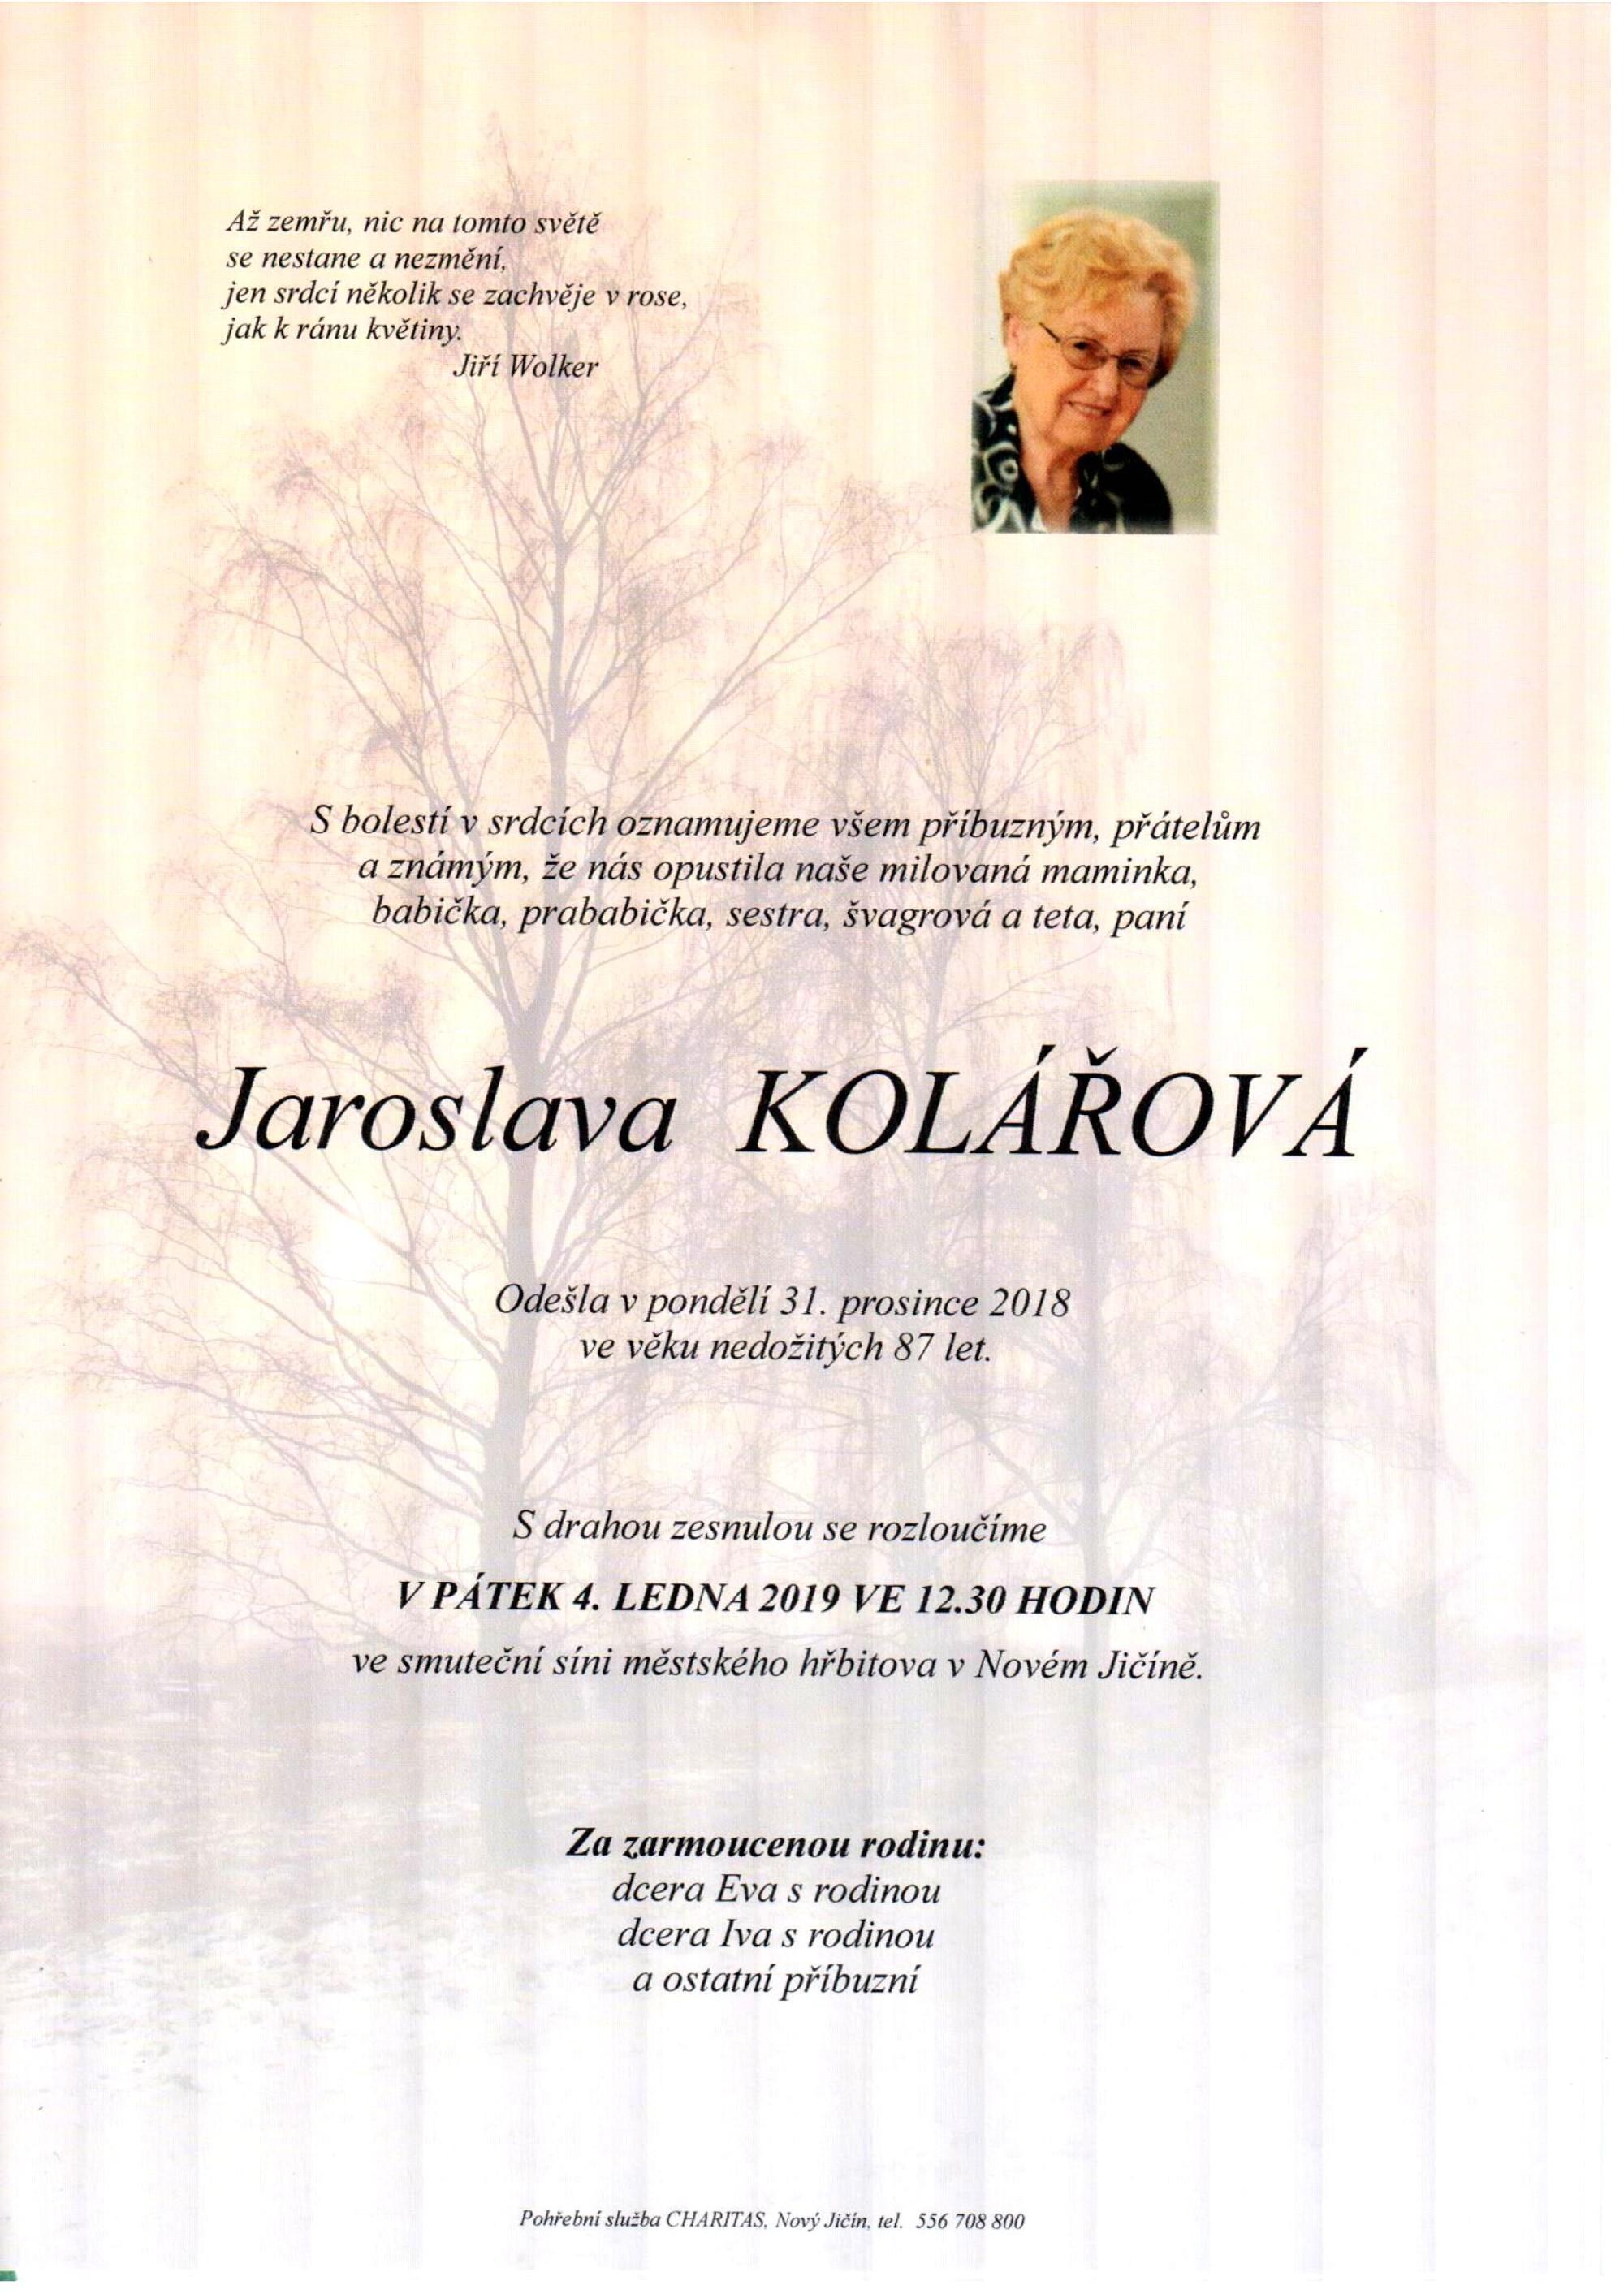 Jaroslava Kolářová